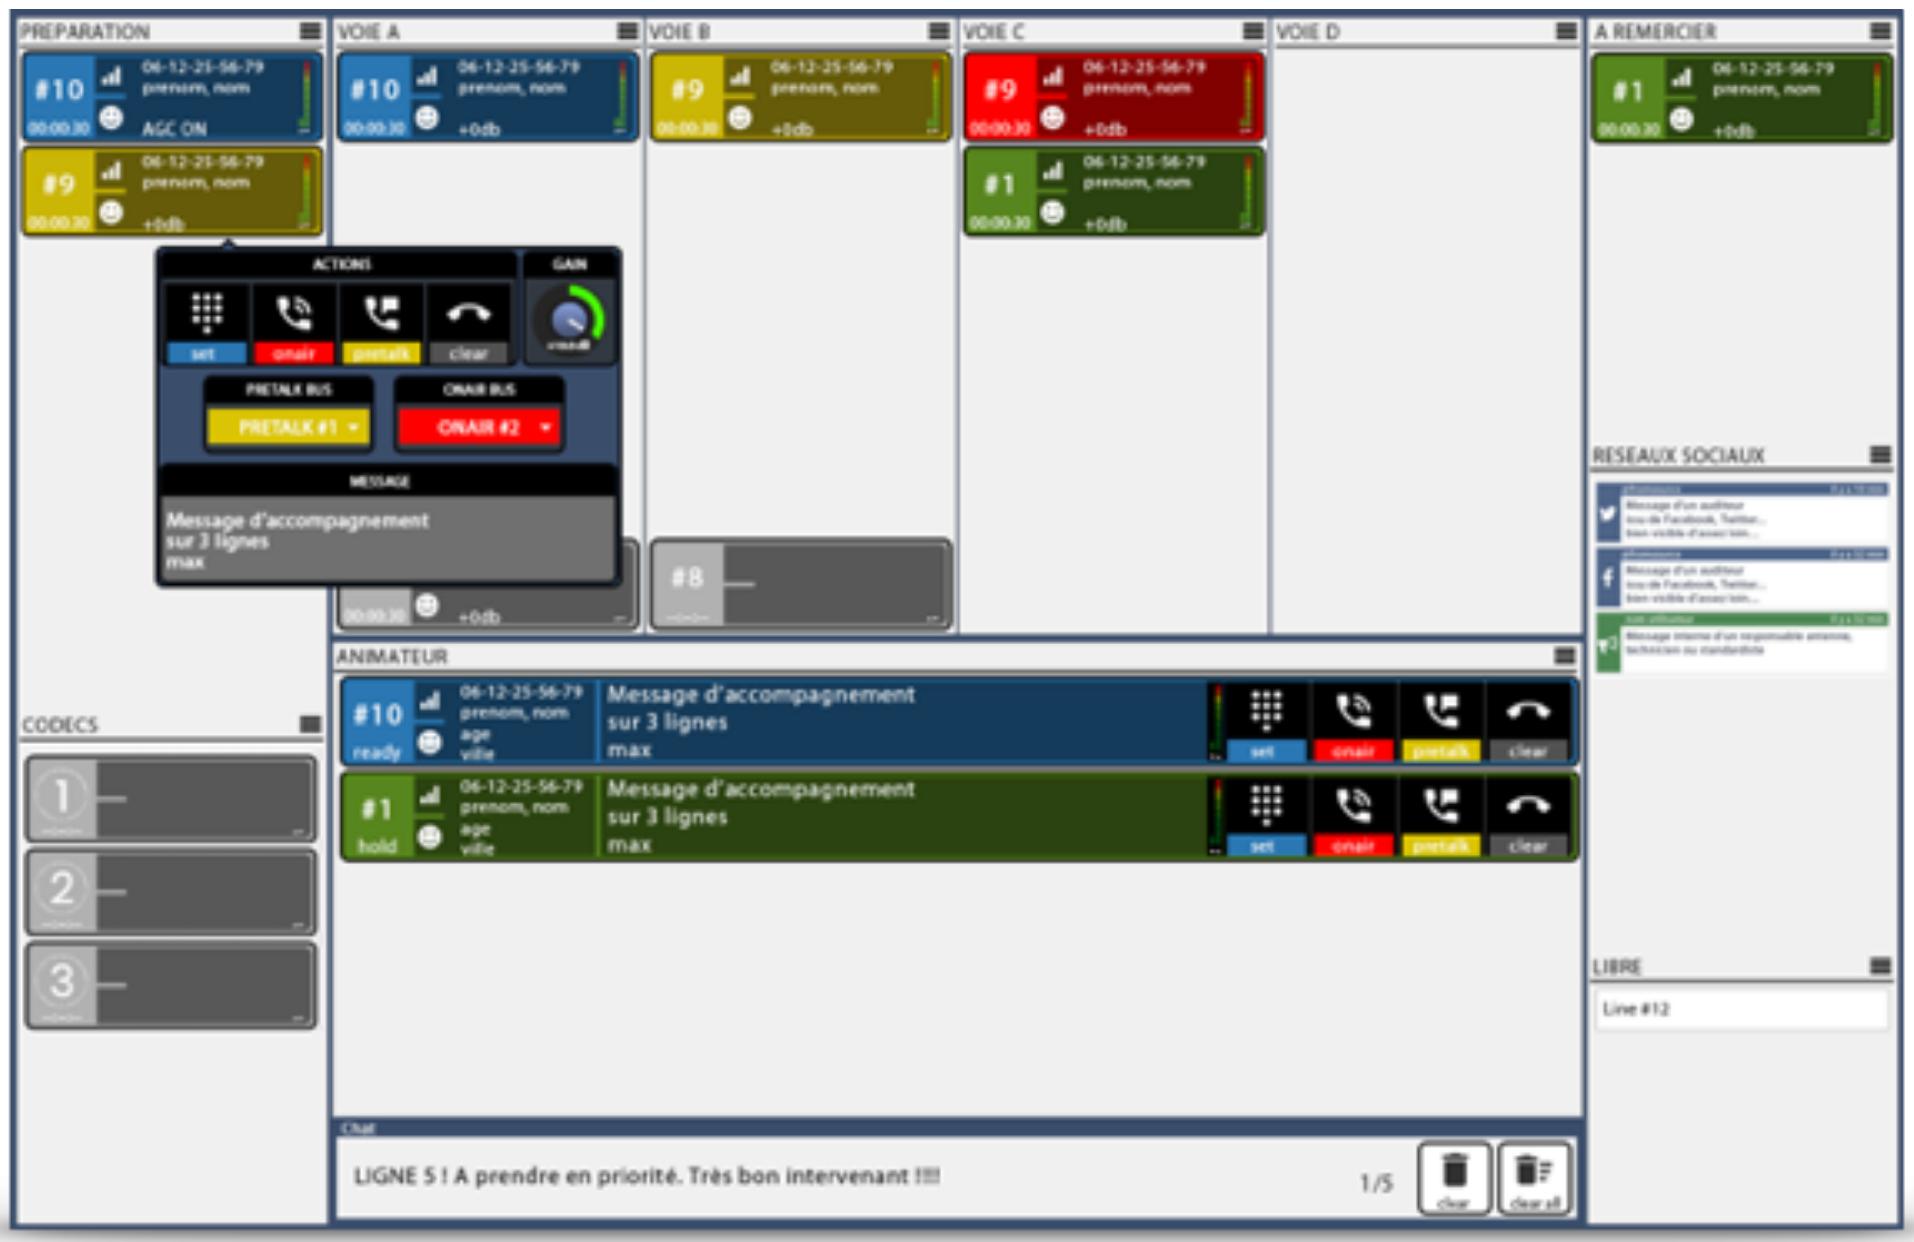 Interface entièrement personnalisable avec gestion des profils animateur, réalisateur...